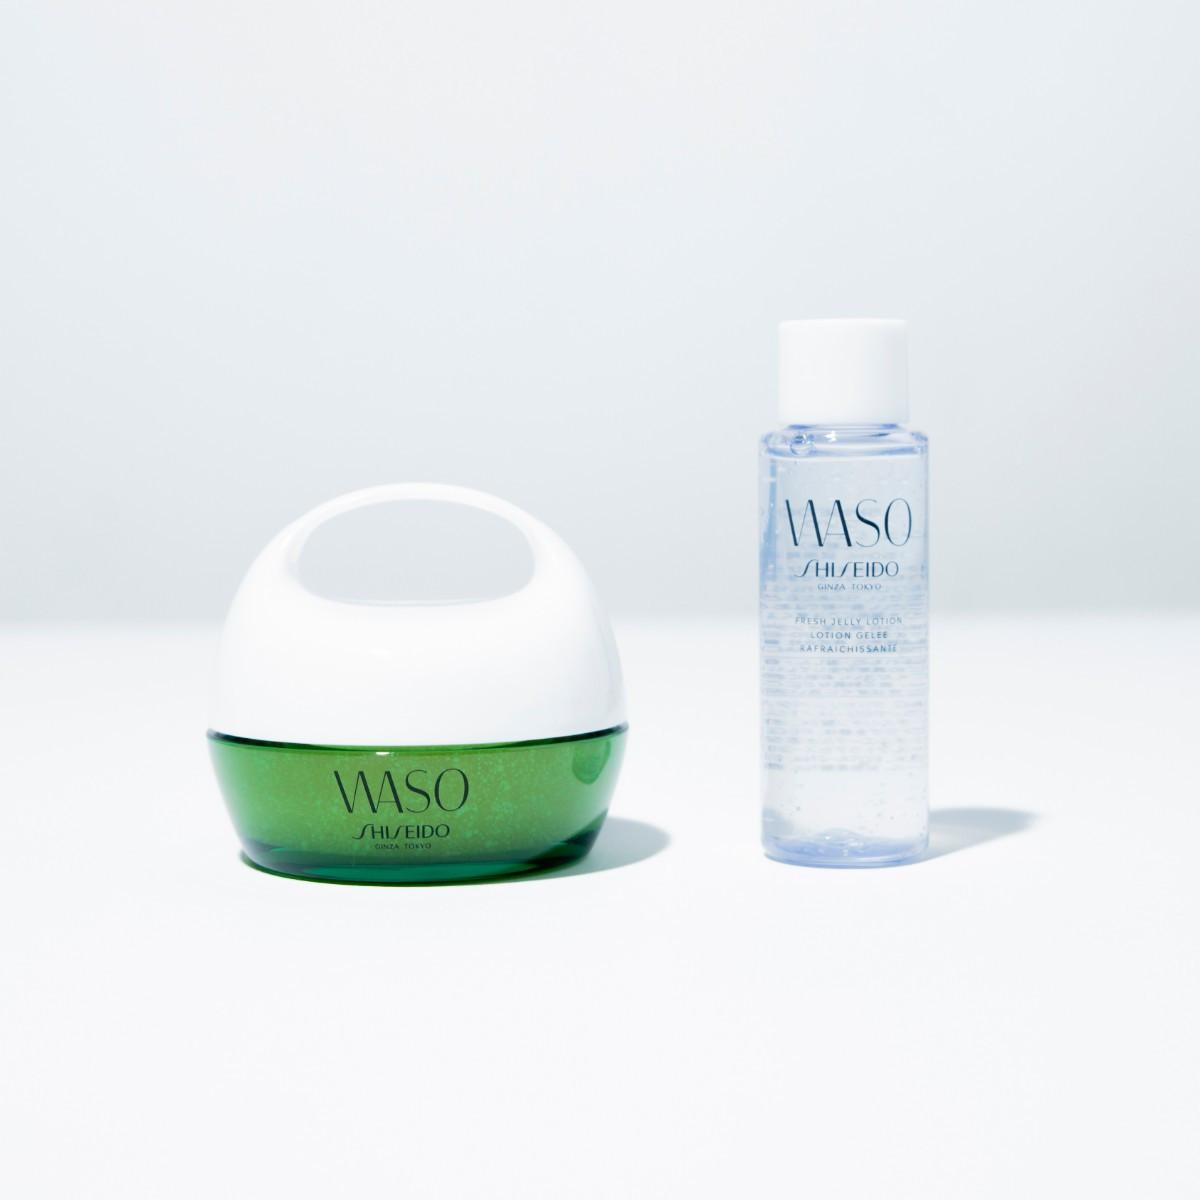 乾いた肌にもググッと浸透! プルプル感がクセになる、WASOのジェル化粧水【ちいサンプル】_1_1